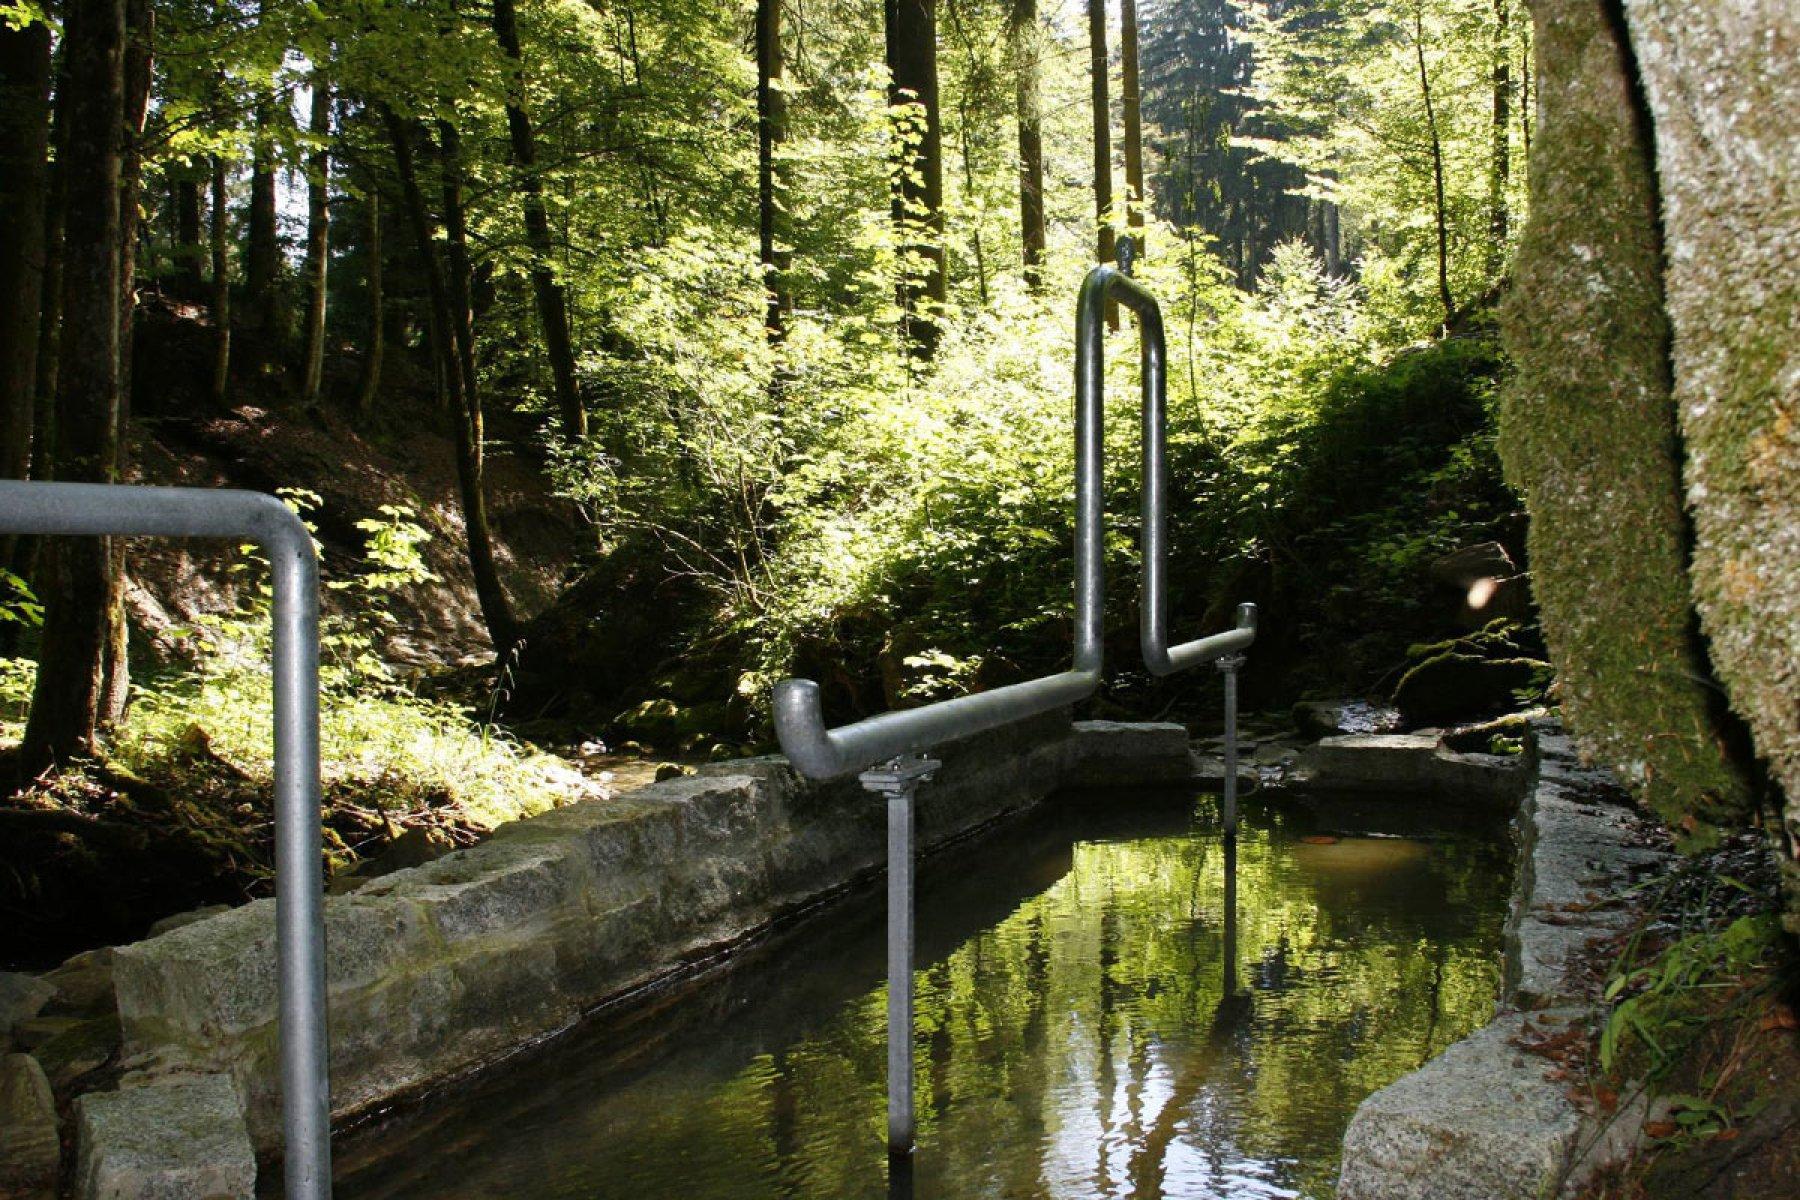 Wassertretstelle am Klimapfad